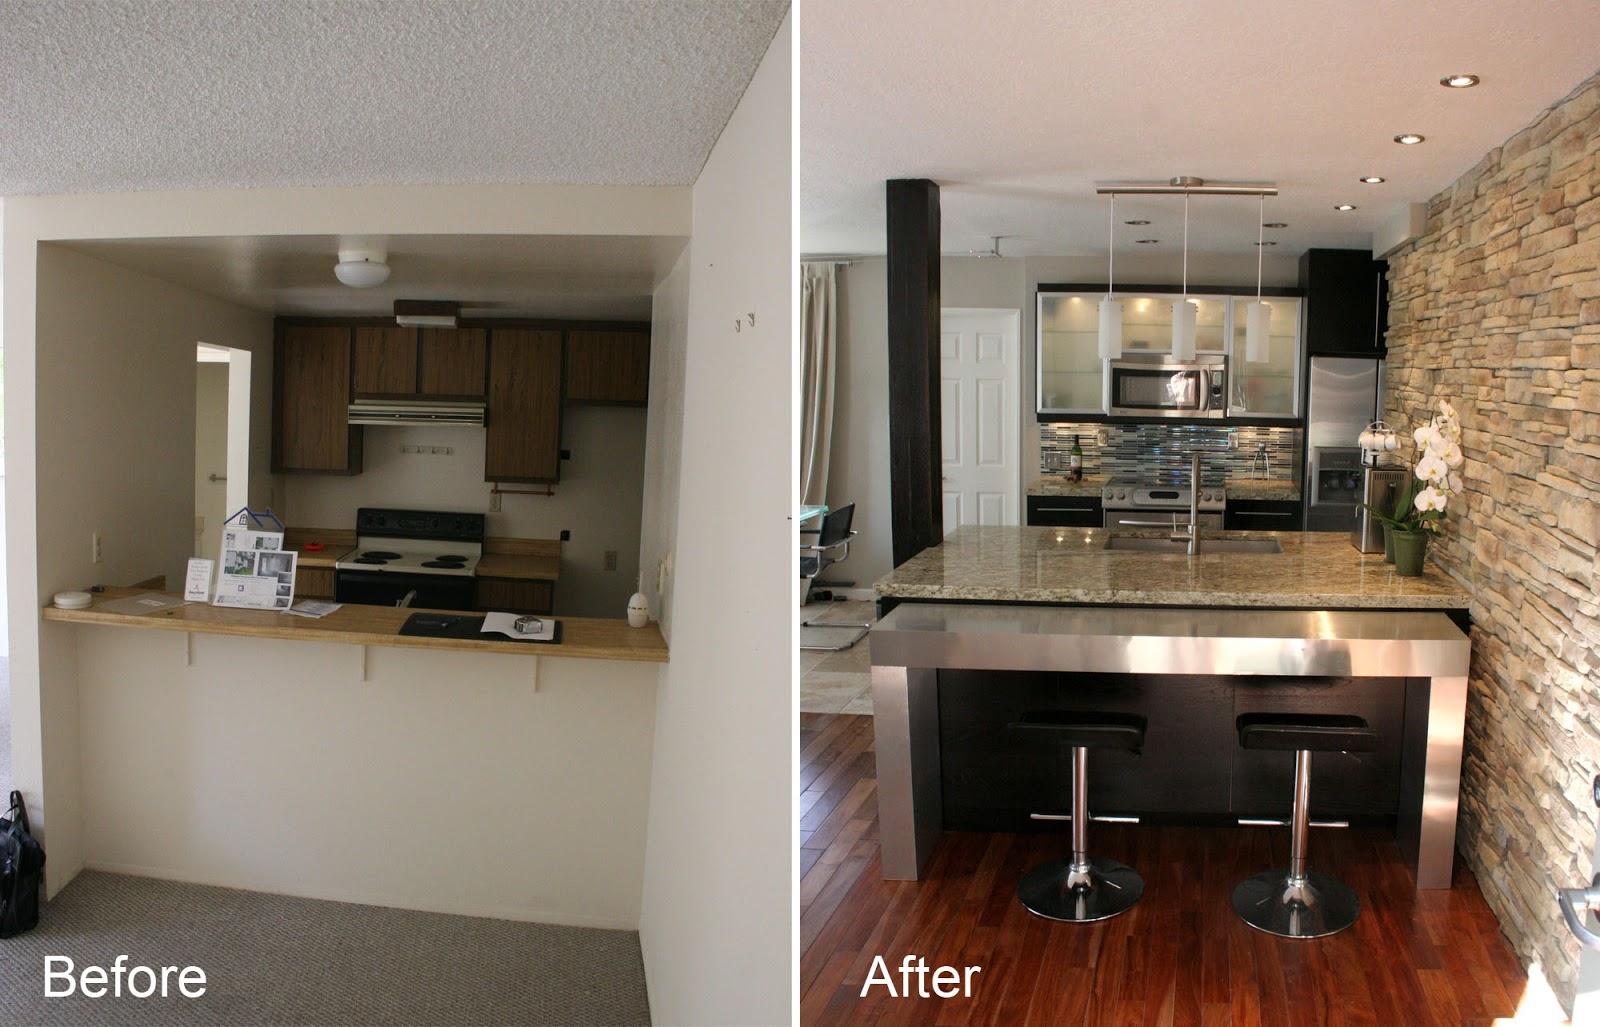 interiores y 3d reformas de cocina antes y despu s